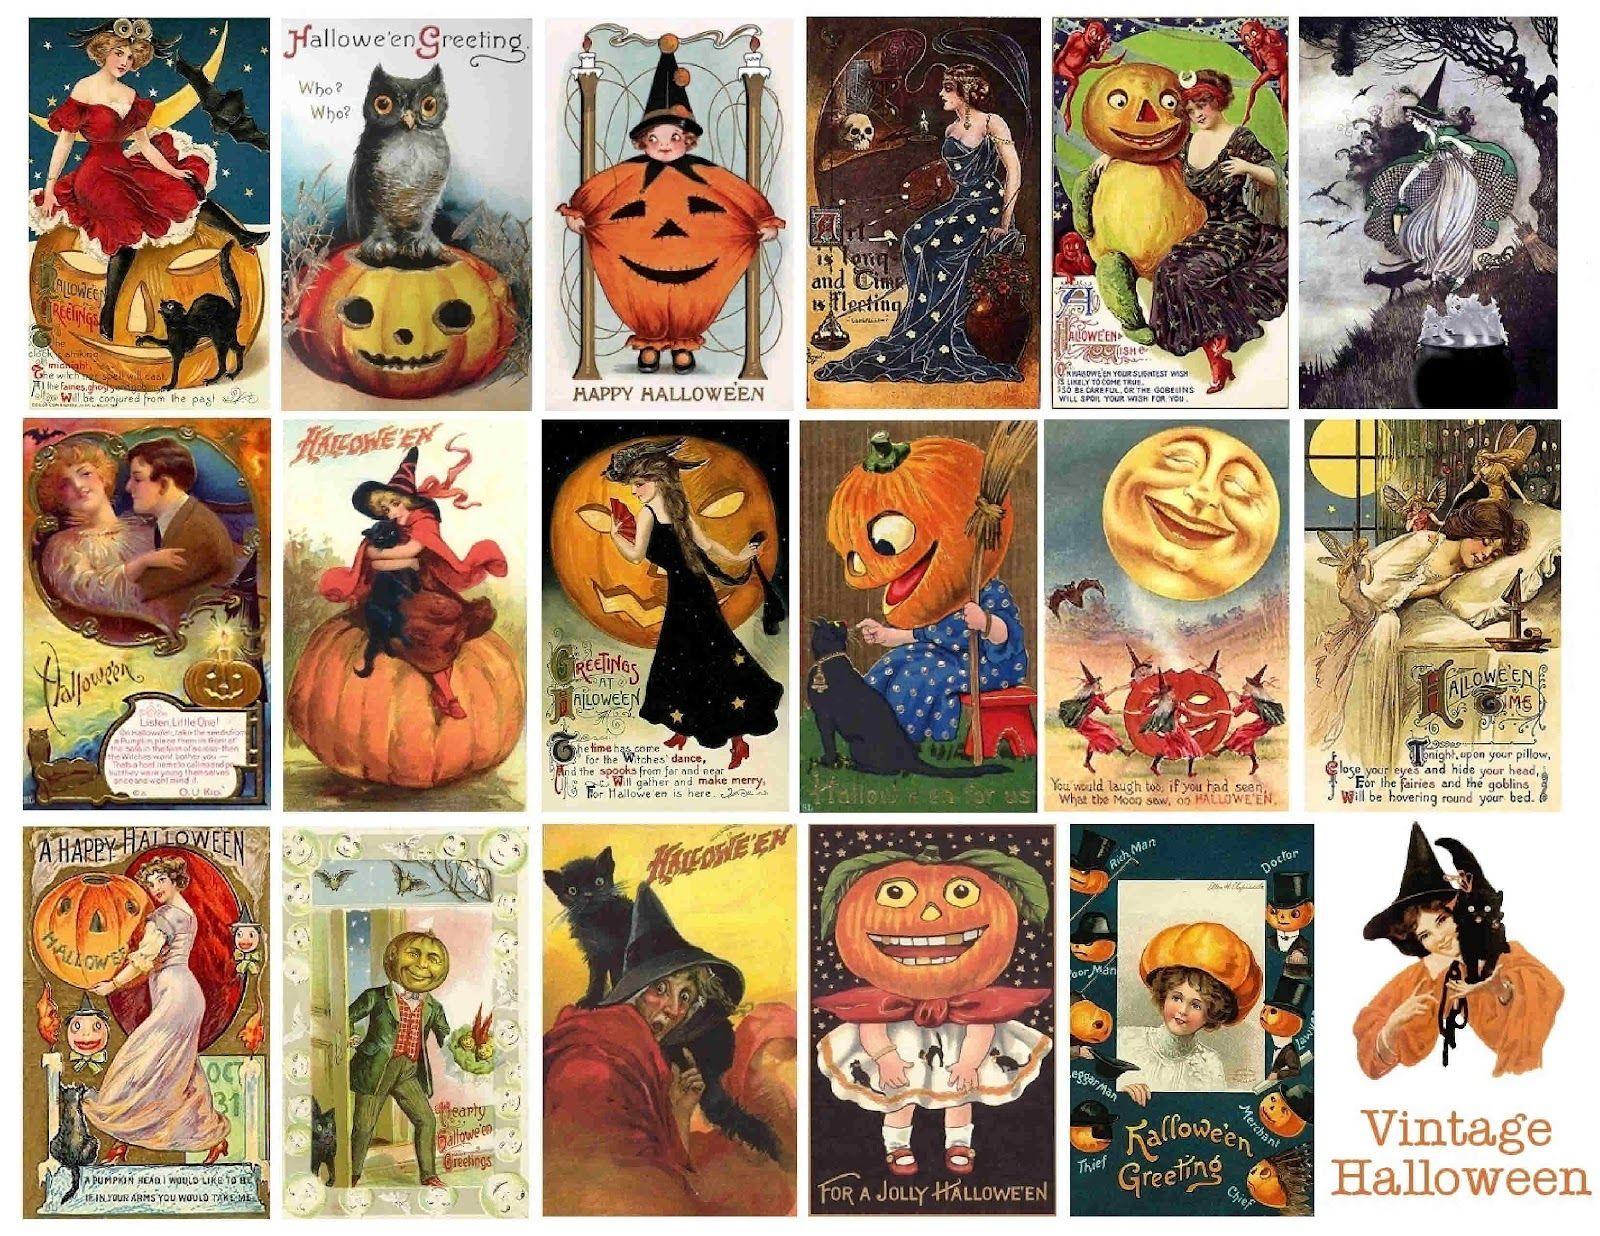 Free Vintage Digital Stamps Vintage Halloween Printables Vintage Halloween Cards Halloween Prints